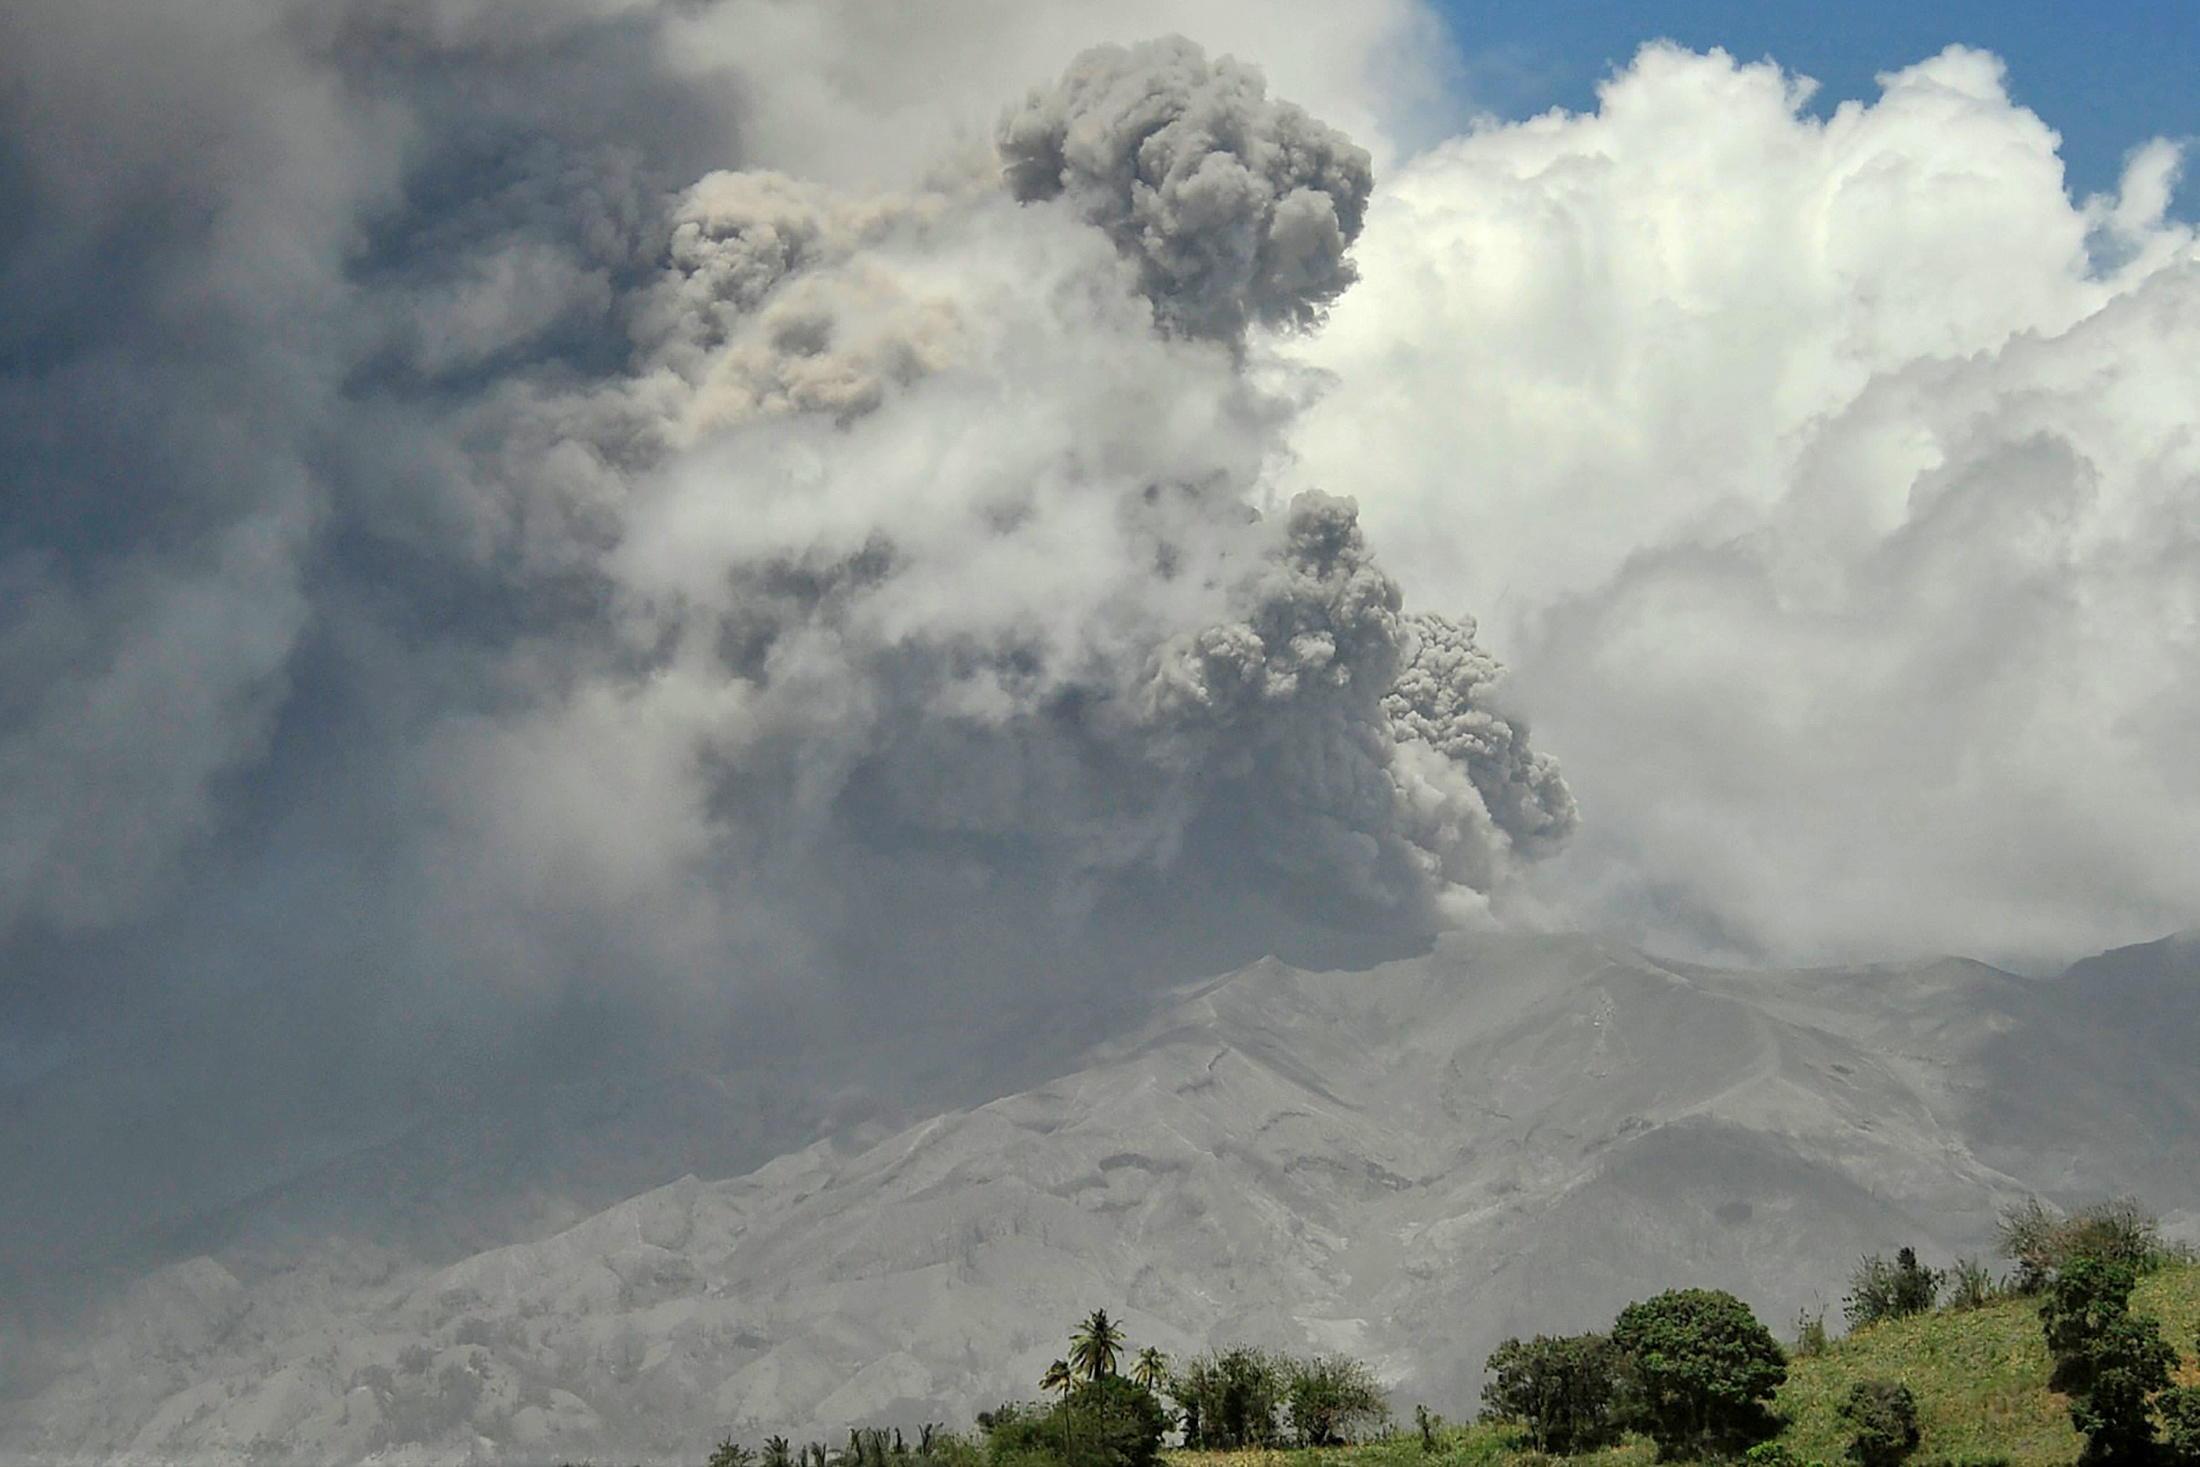 Islande, Réunion, Sicile... quand les volcans se réveillent en même temps